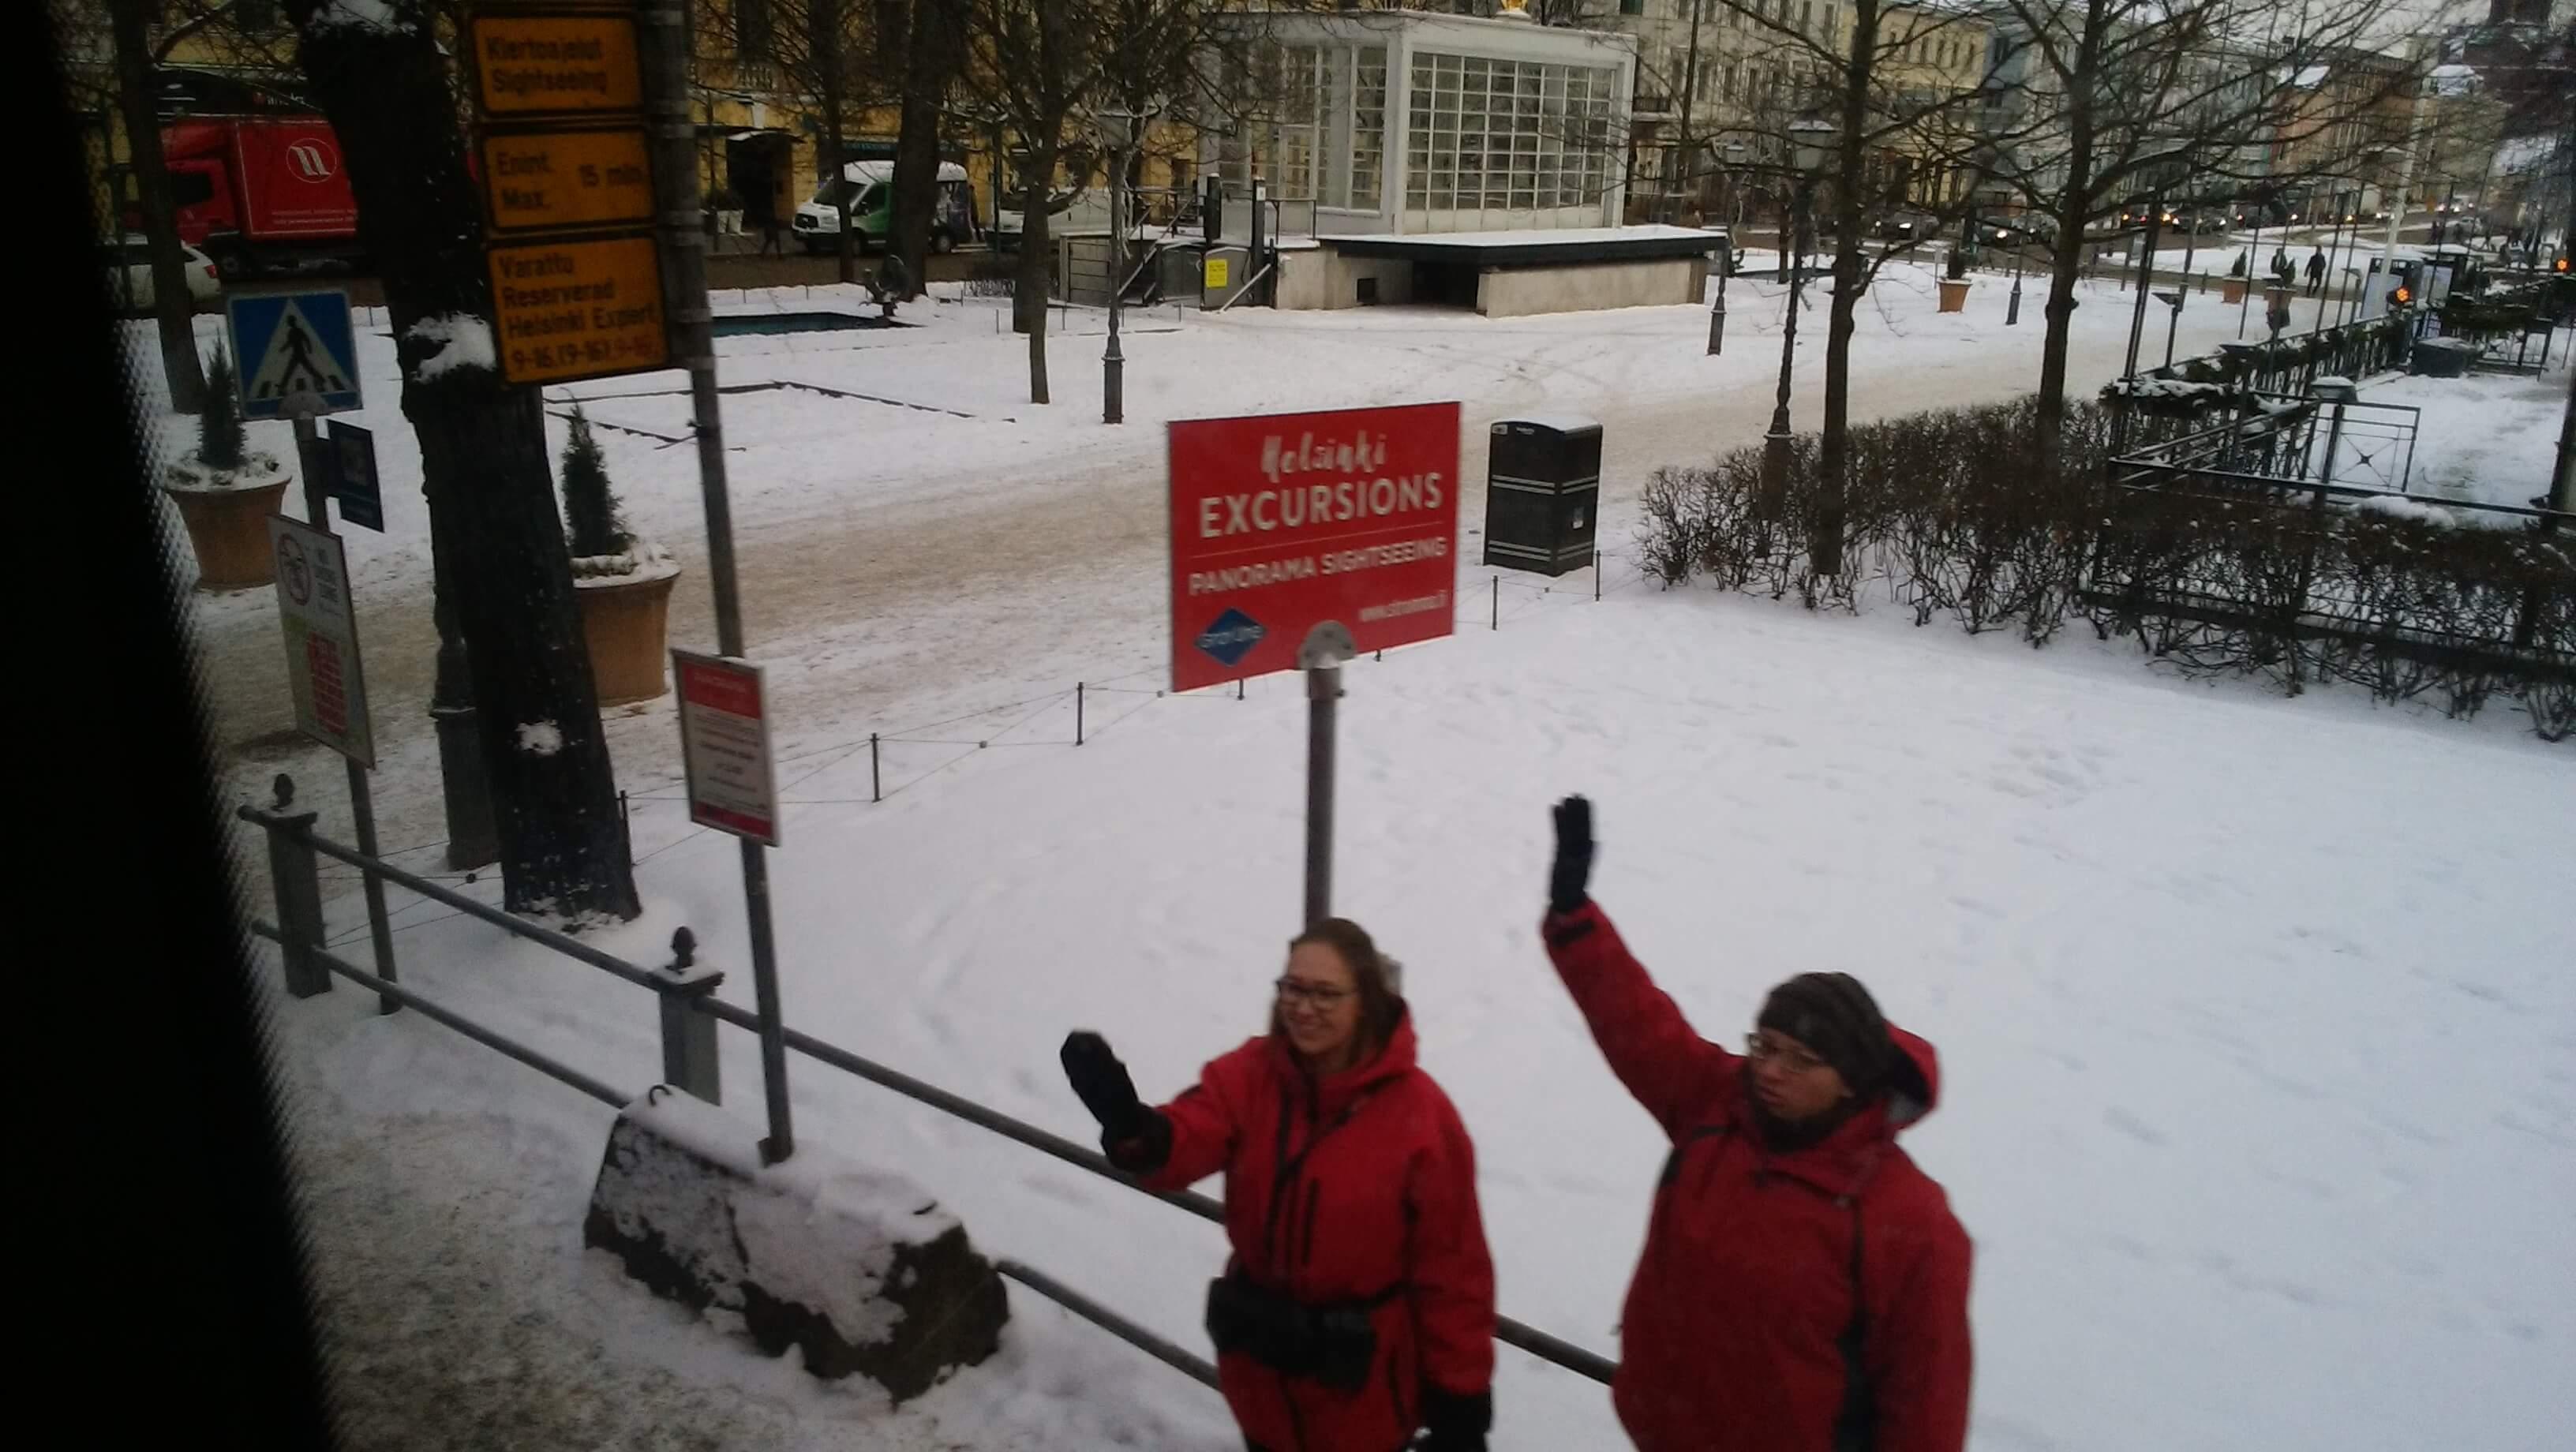 ヘルシンキ観光バスツアーの出発時。受付の人が手を振って見送ってくれた